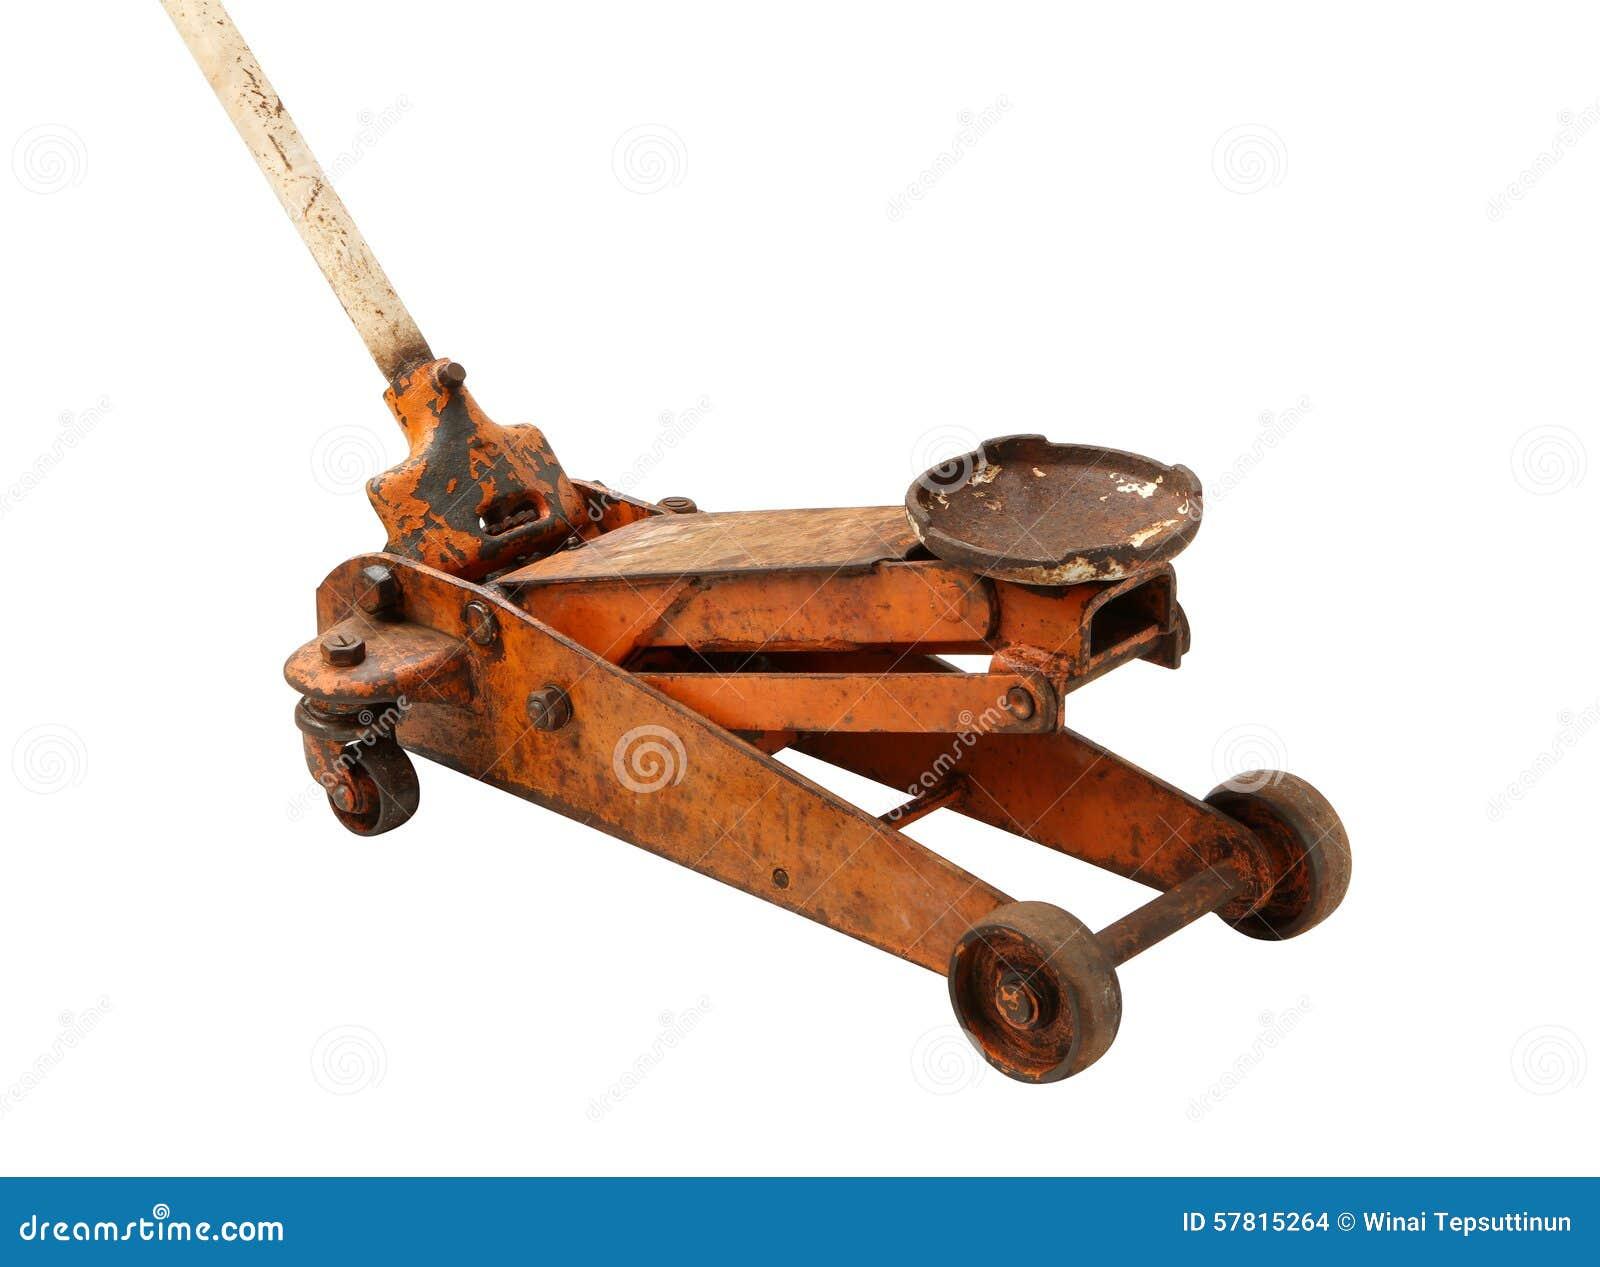 Auto jack repair